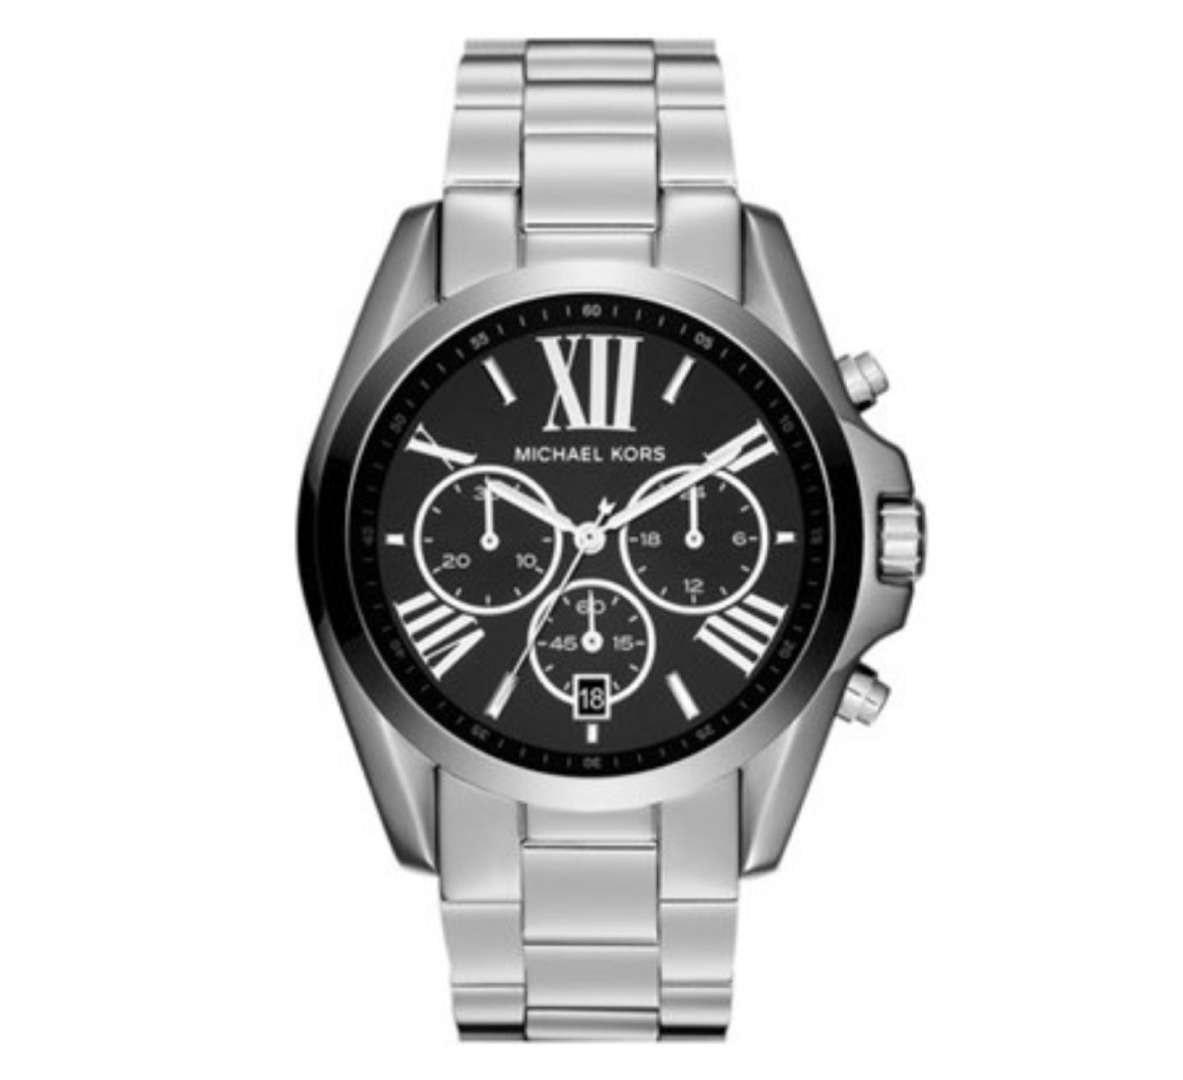 שעון יד אנלוגי לגבר michael kors mk5705 מייקל קורס